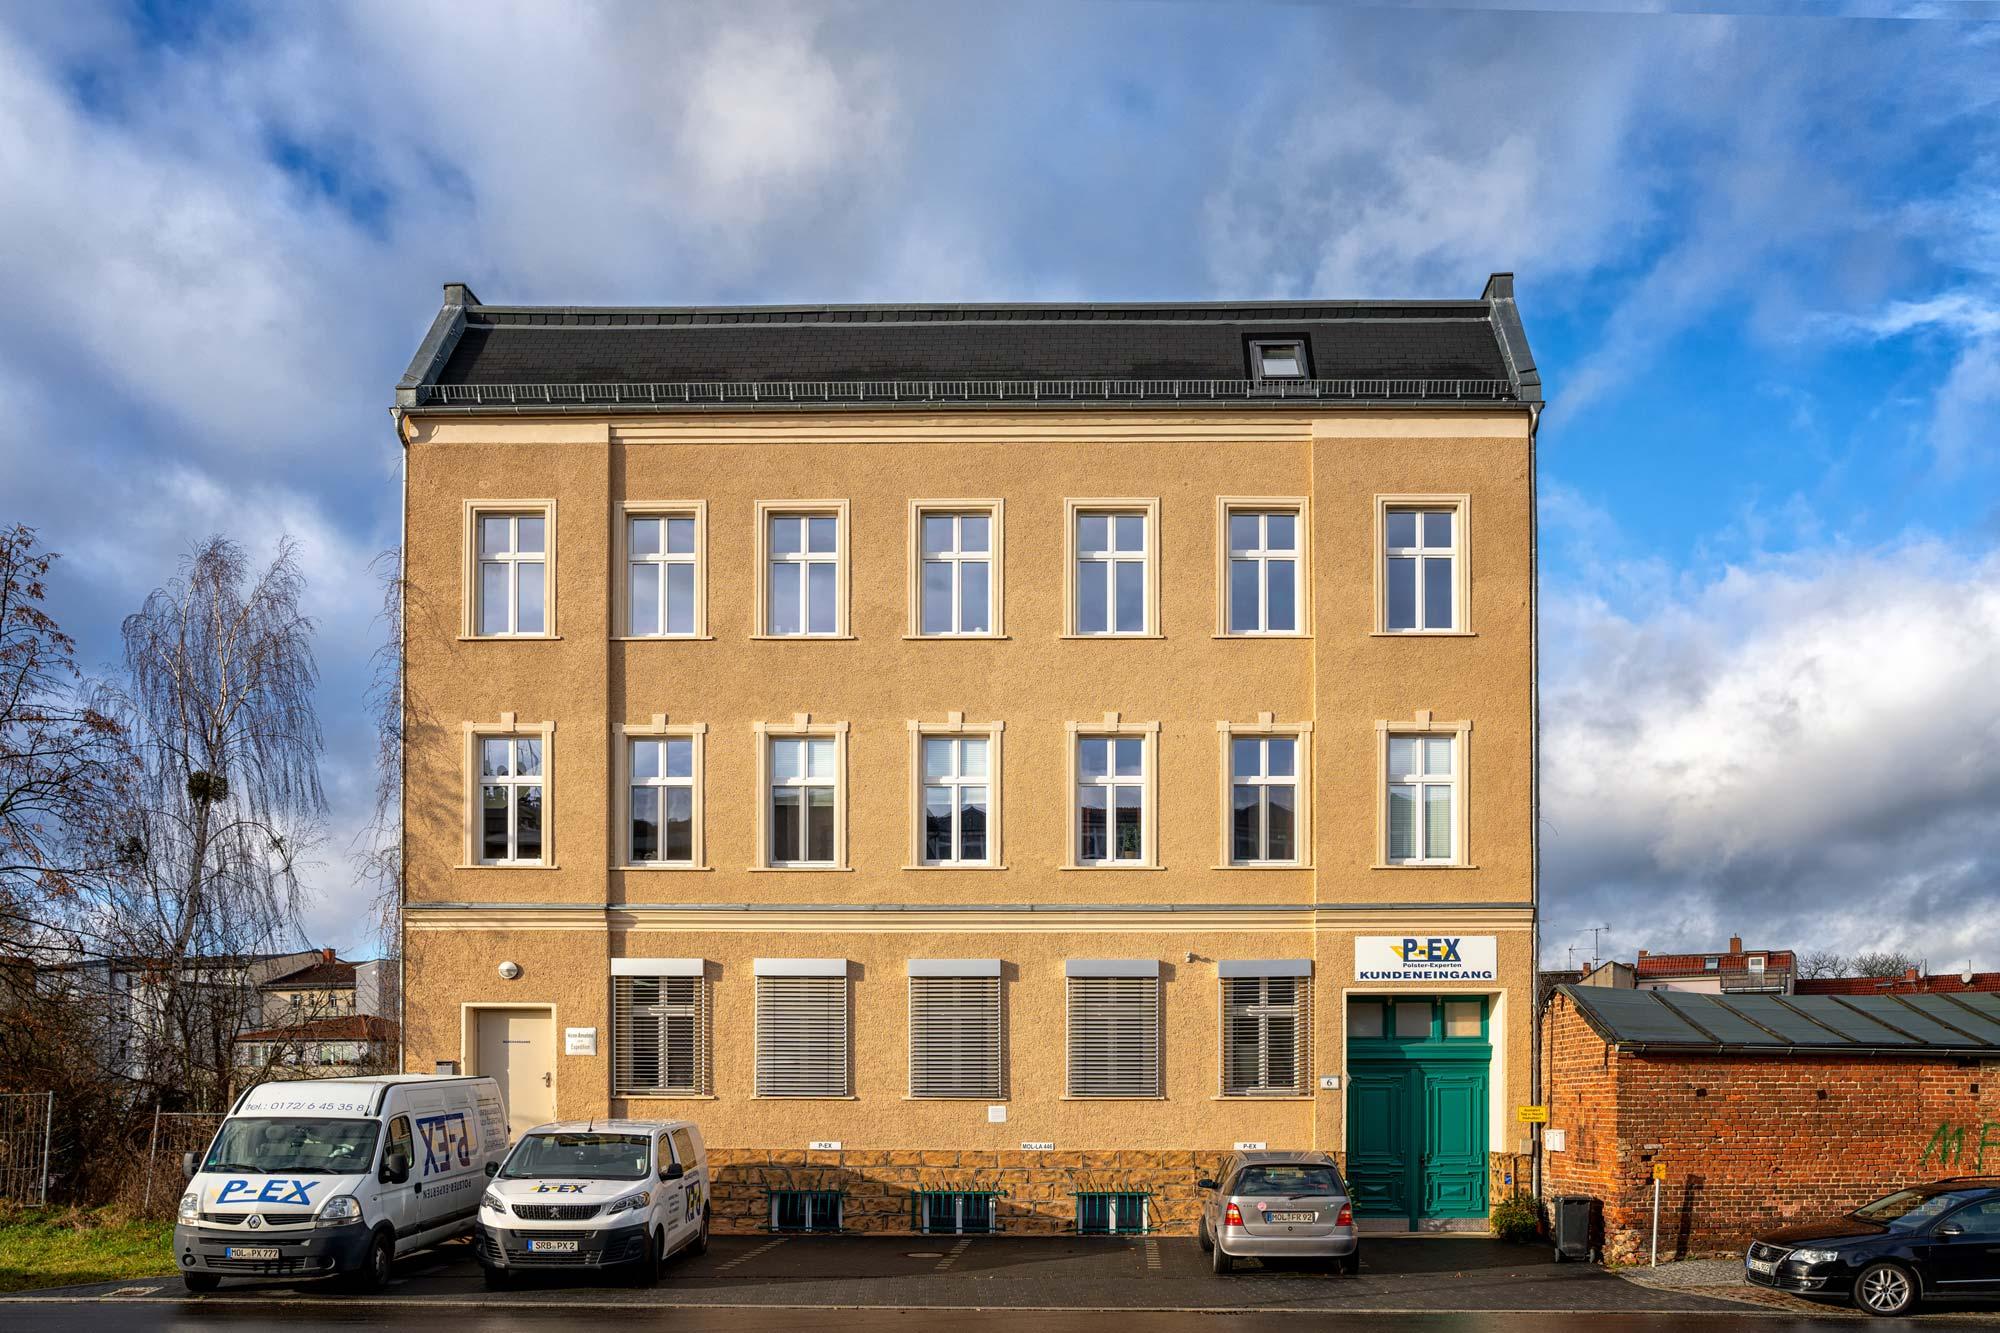 Hauptquartier der polsterei-strausberg, Polster Möbel neu polstern